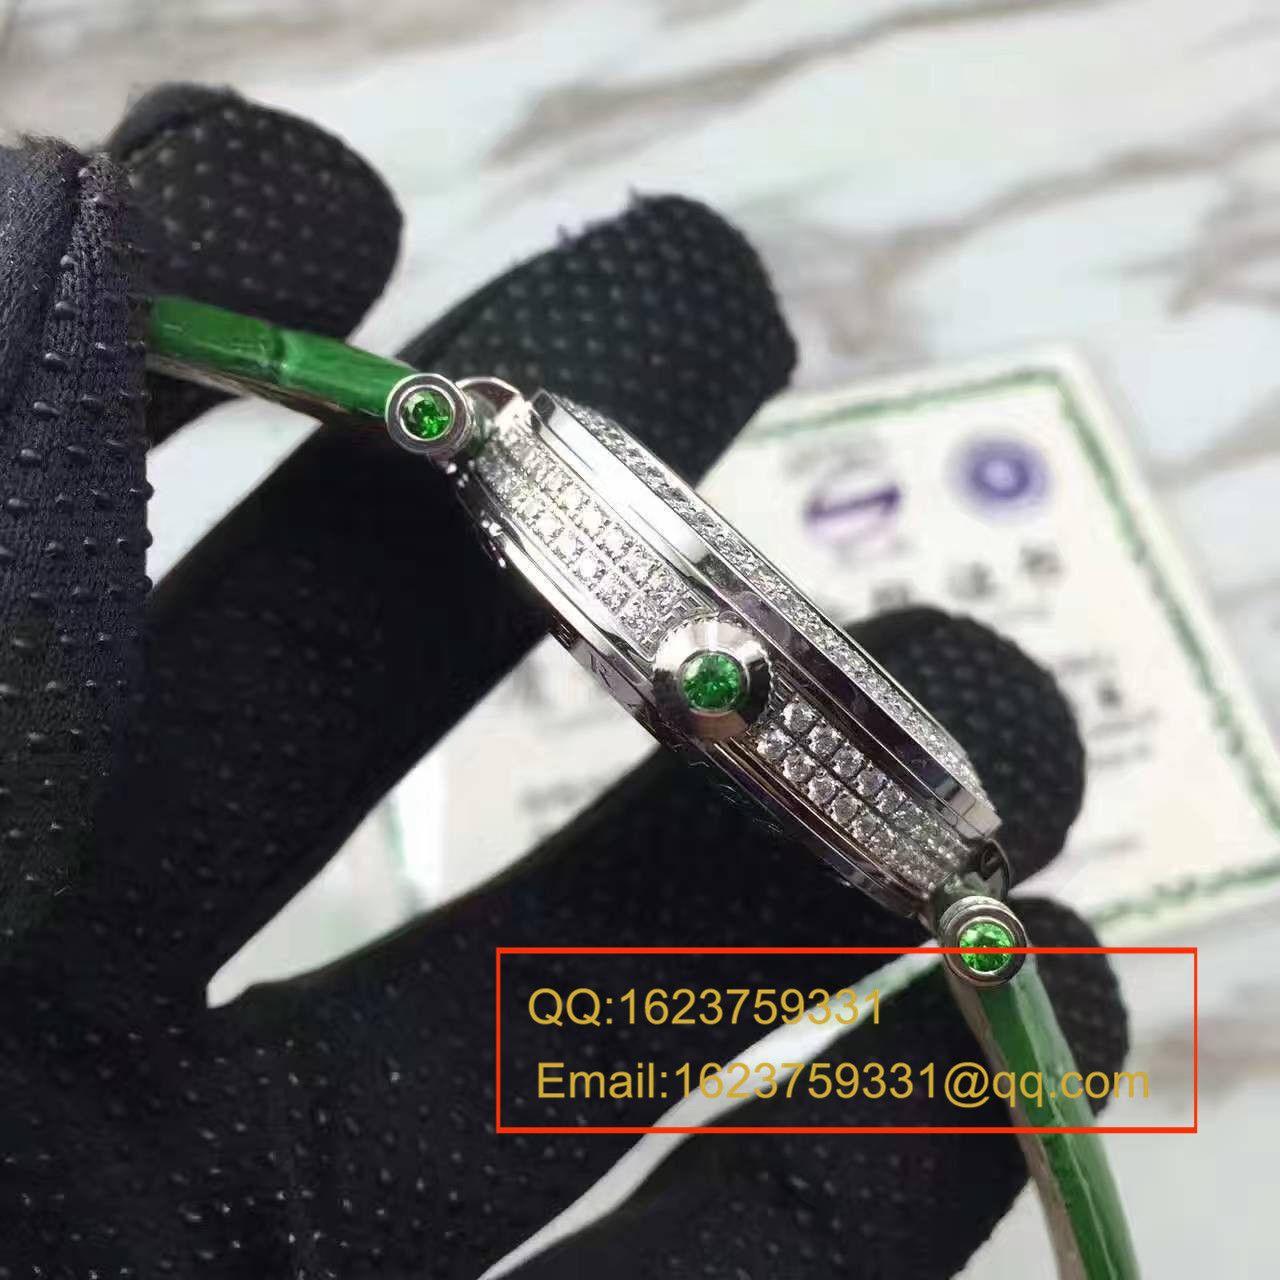 法兰克.穆勒DOUBLE MYSTERY系列42 DM D2R CD 白盘绿色表带女士腕表 / FLBF015